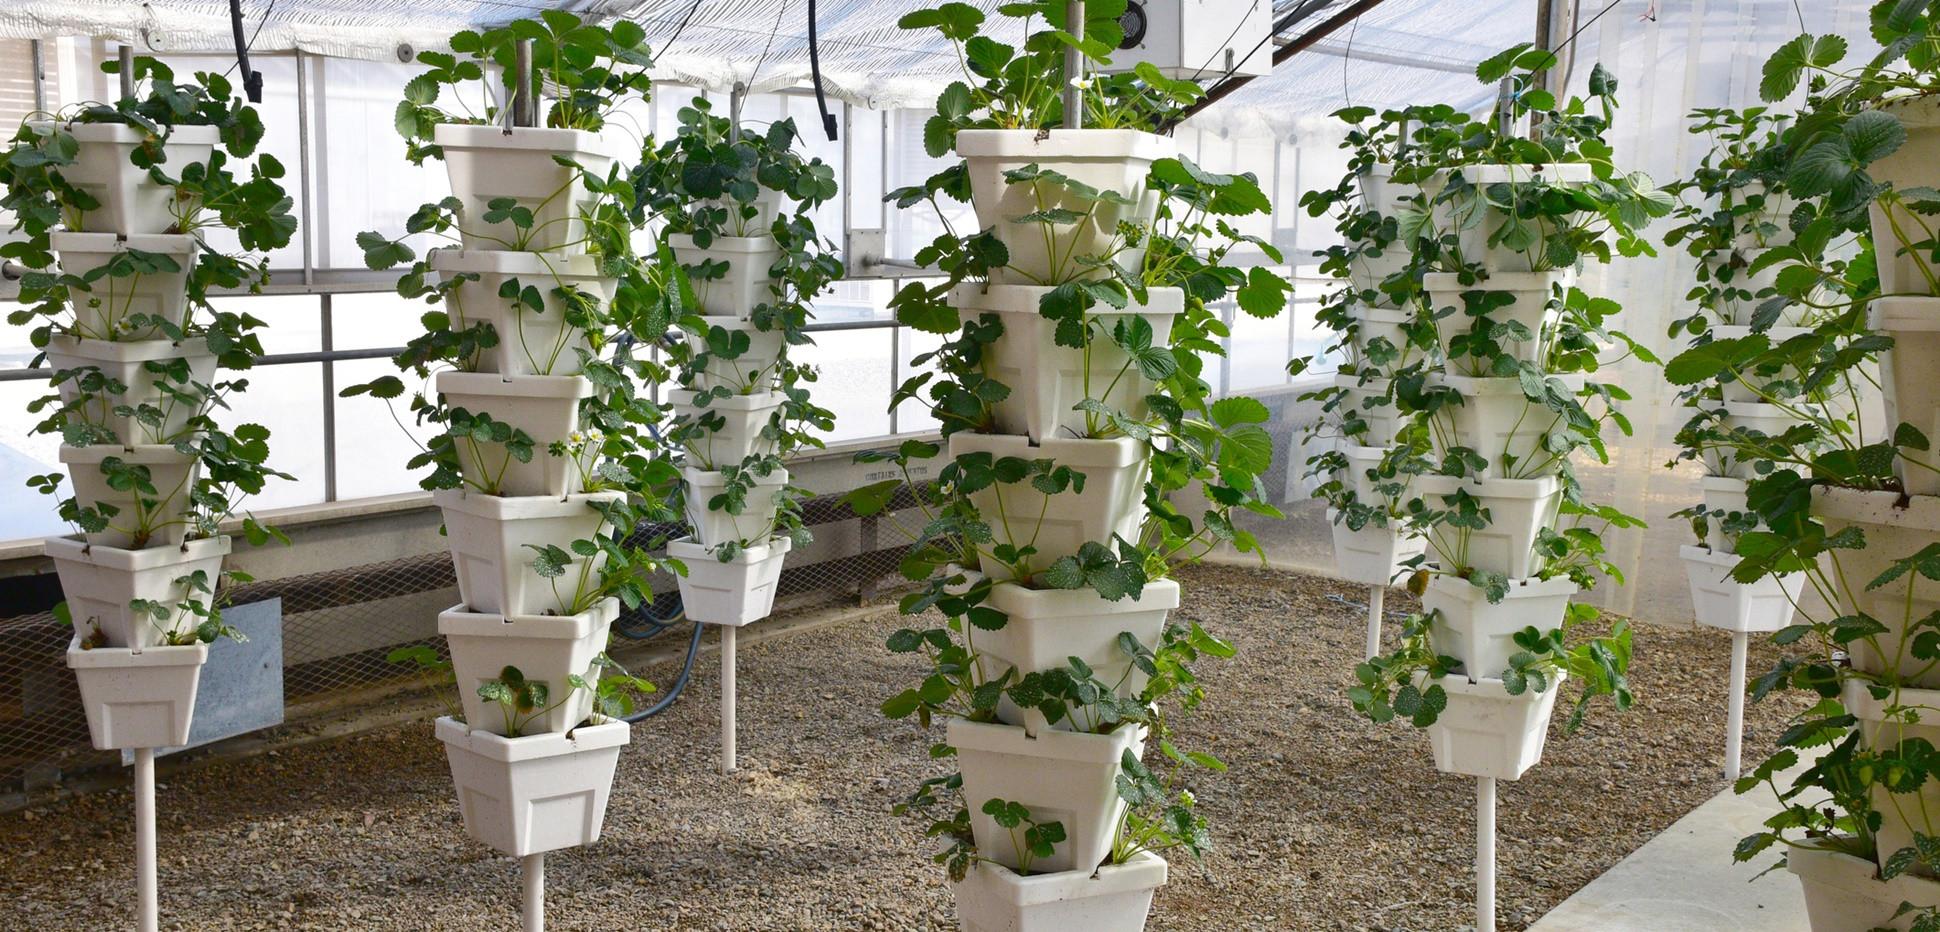 Garten Diy  Erdbeerturm selber bauen Kreative DIY Idee für den Garten